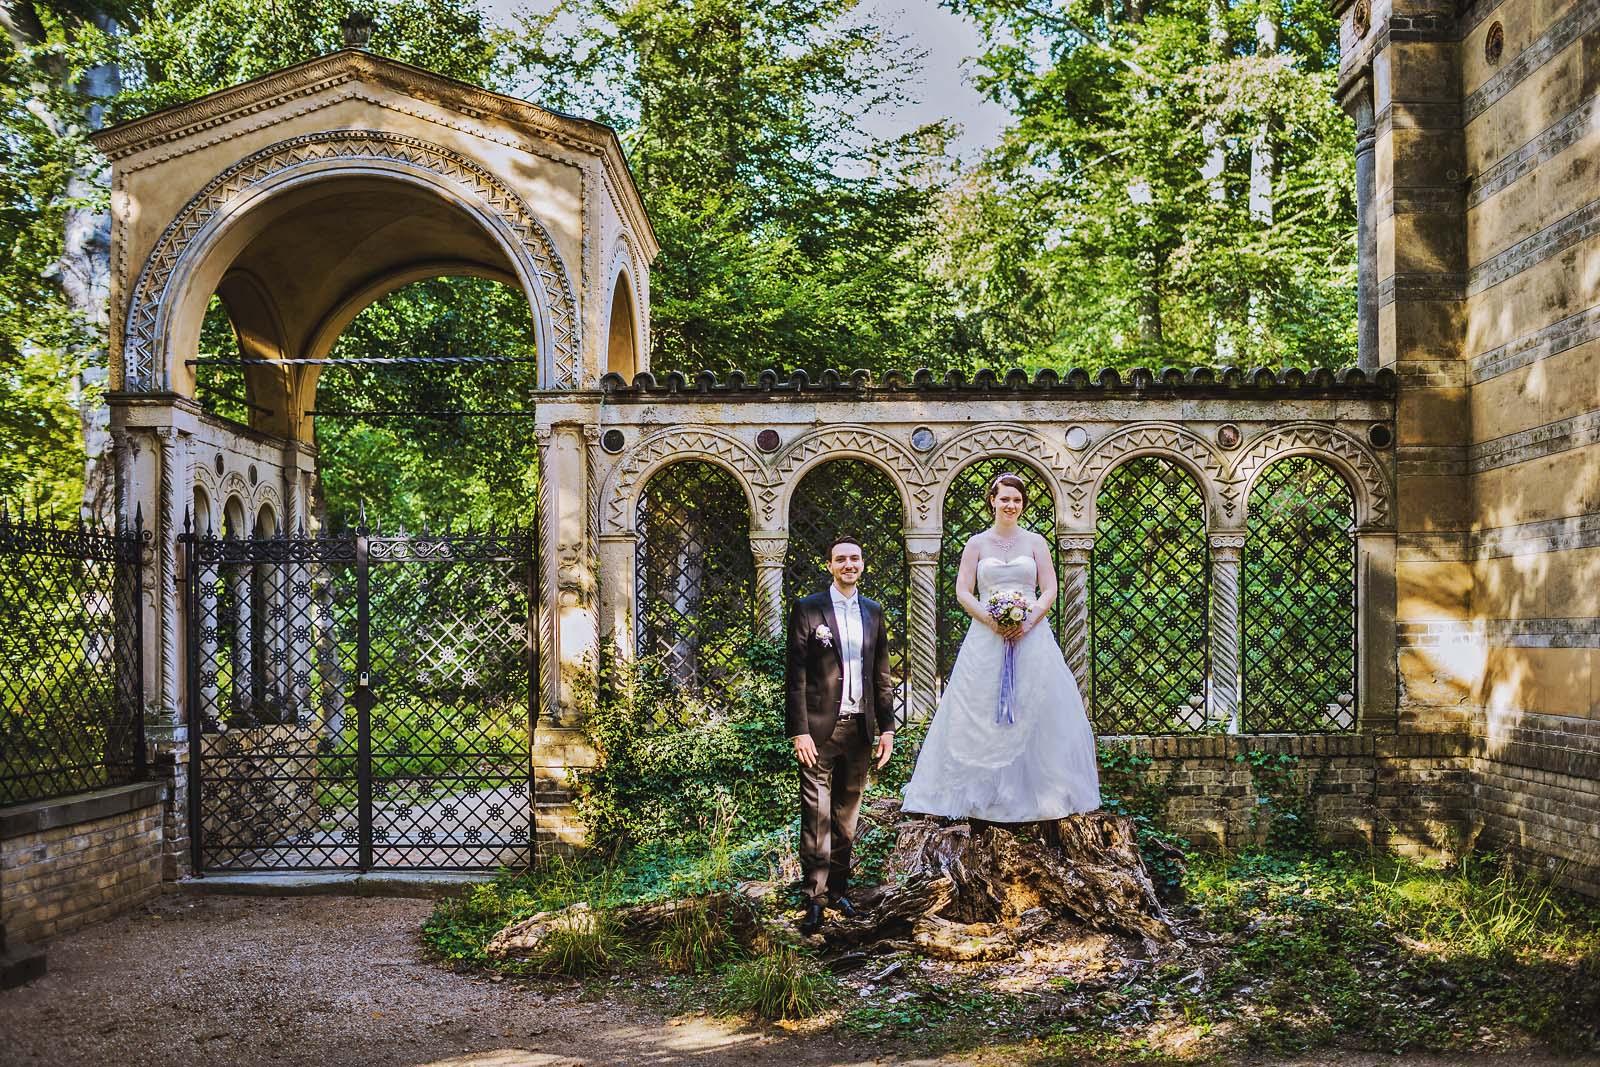 Hochzeitsfotograf Berlin Hochzeitsportrait im Schlosspark Glienicke Copyright by Hochzeitsfotograf www.berliner-hochzeitsfotografie.de